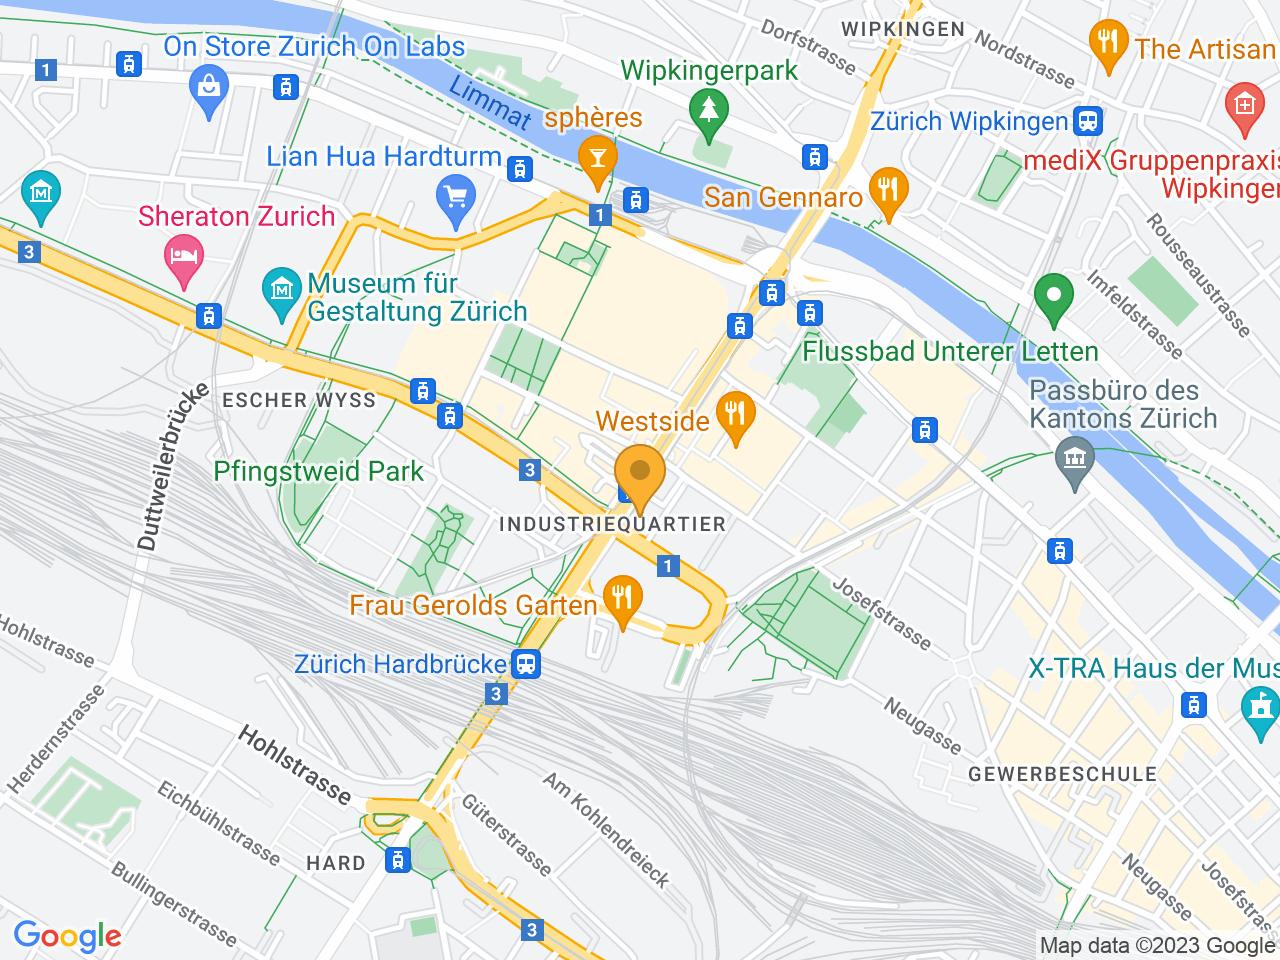 Hardstrasse 235, 8005 Zürich